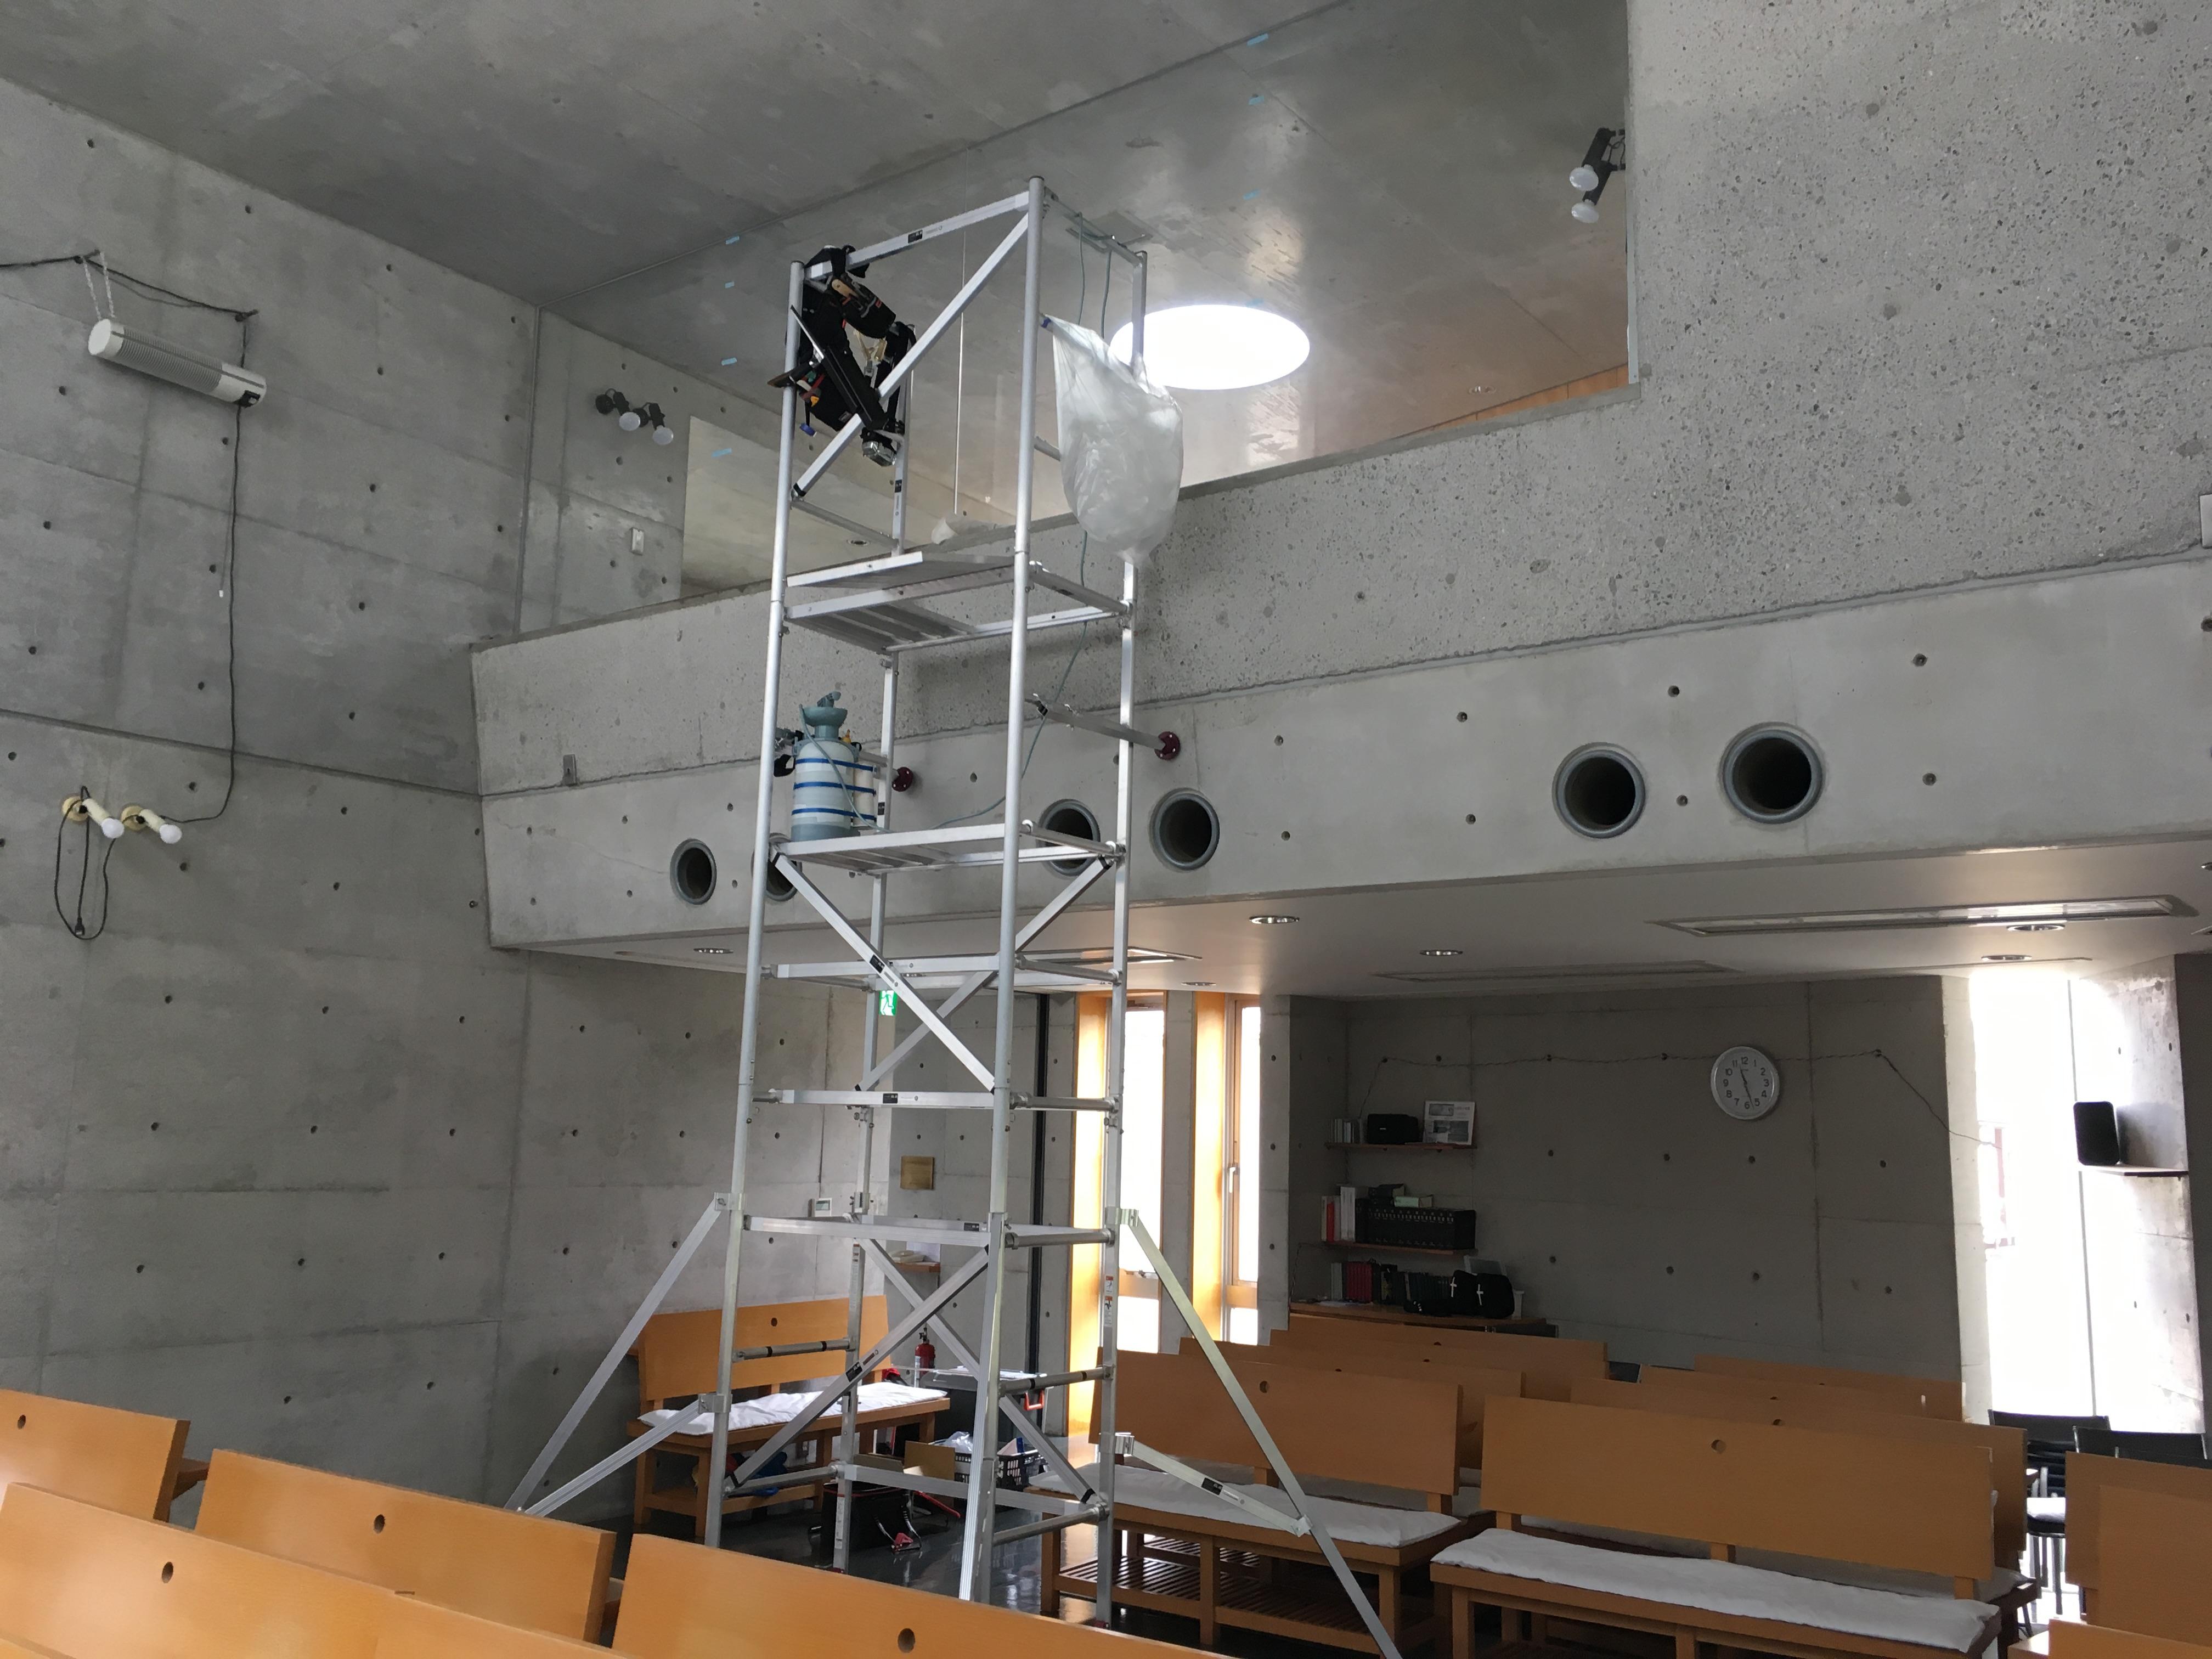 教会の礼拝堂に飛散防止フィルム施工を行いました。